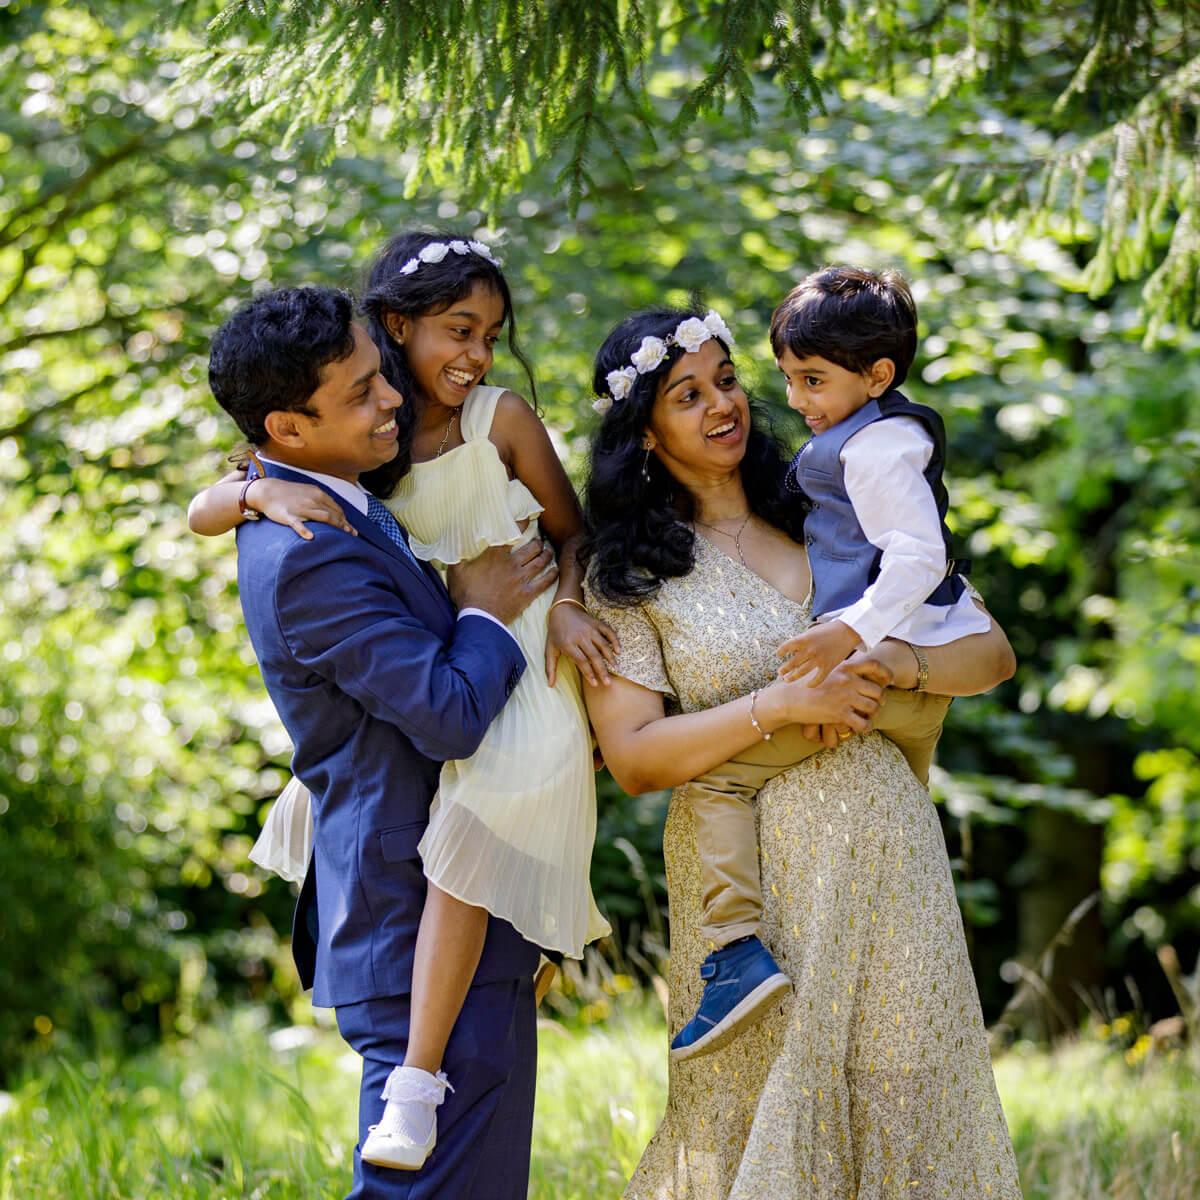 outdoor family photo shoot stourbridge midlands